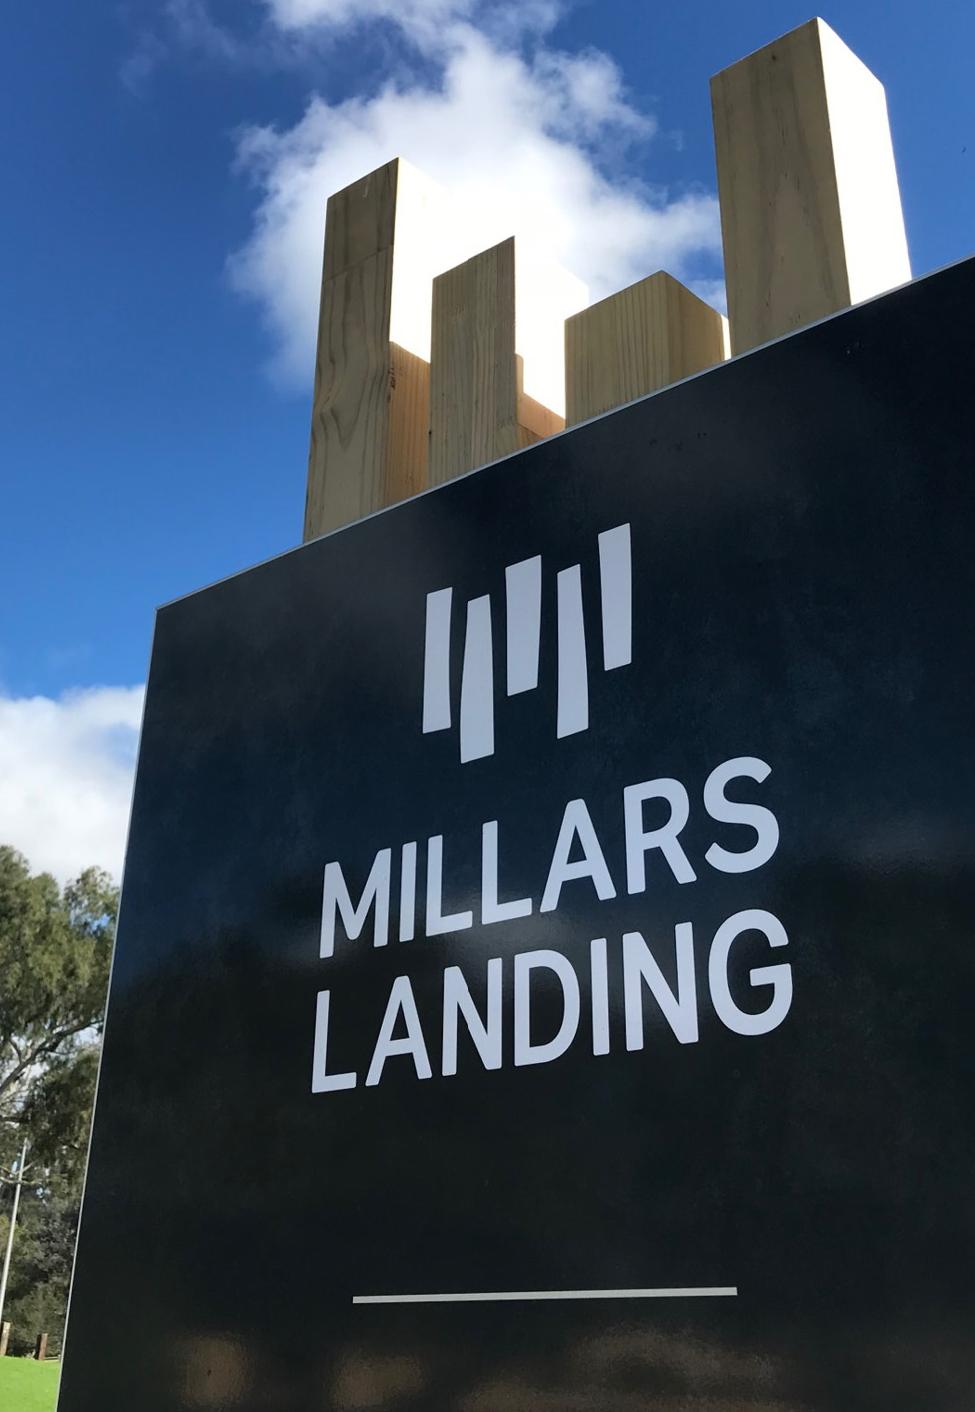 MILLARS LANDING IMAGES10.jpg